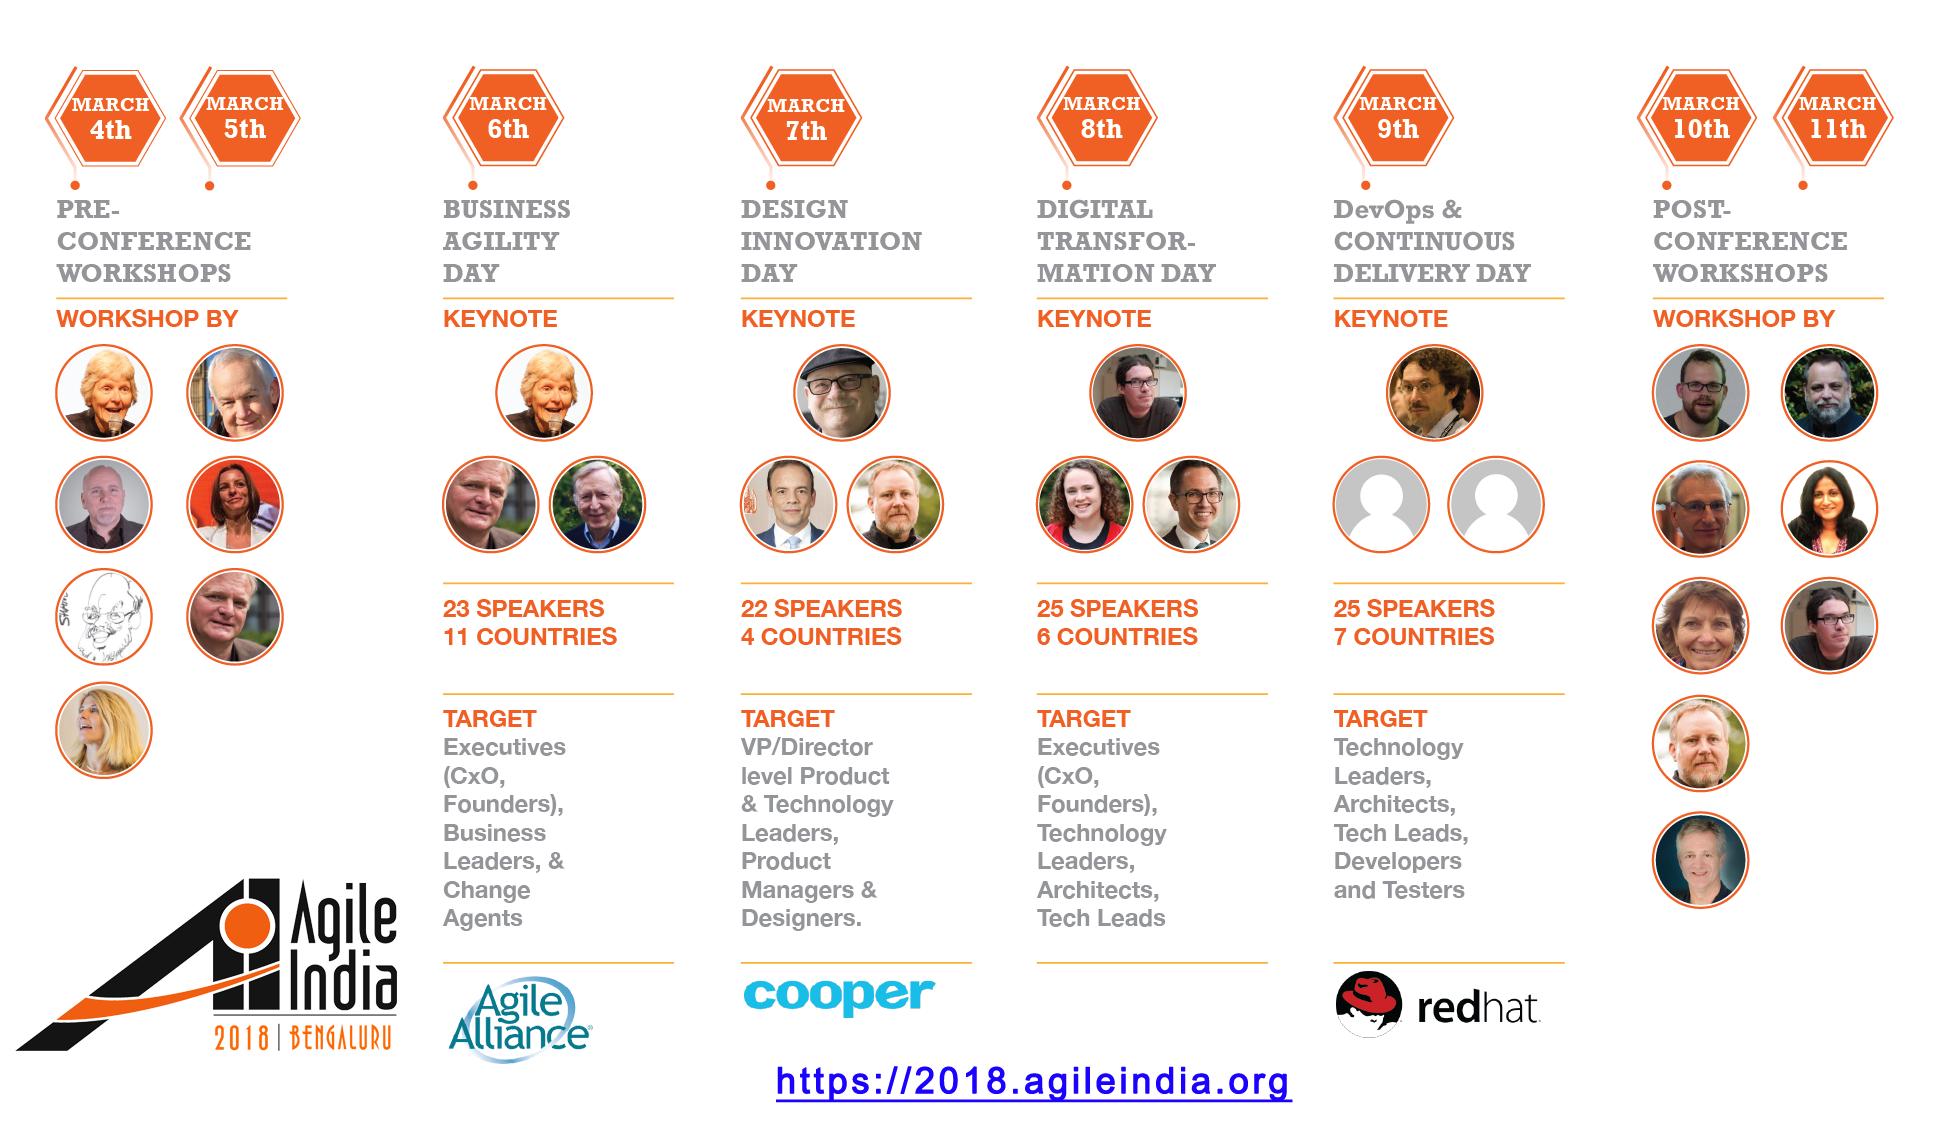 Agile India 2018 Agenda